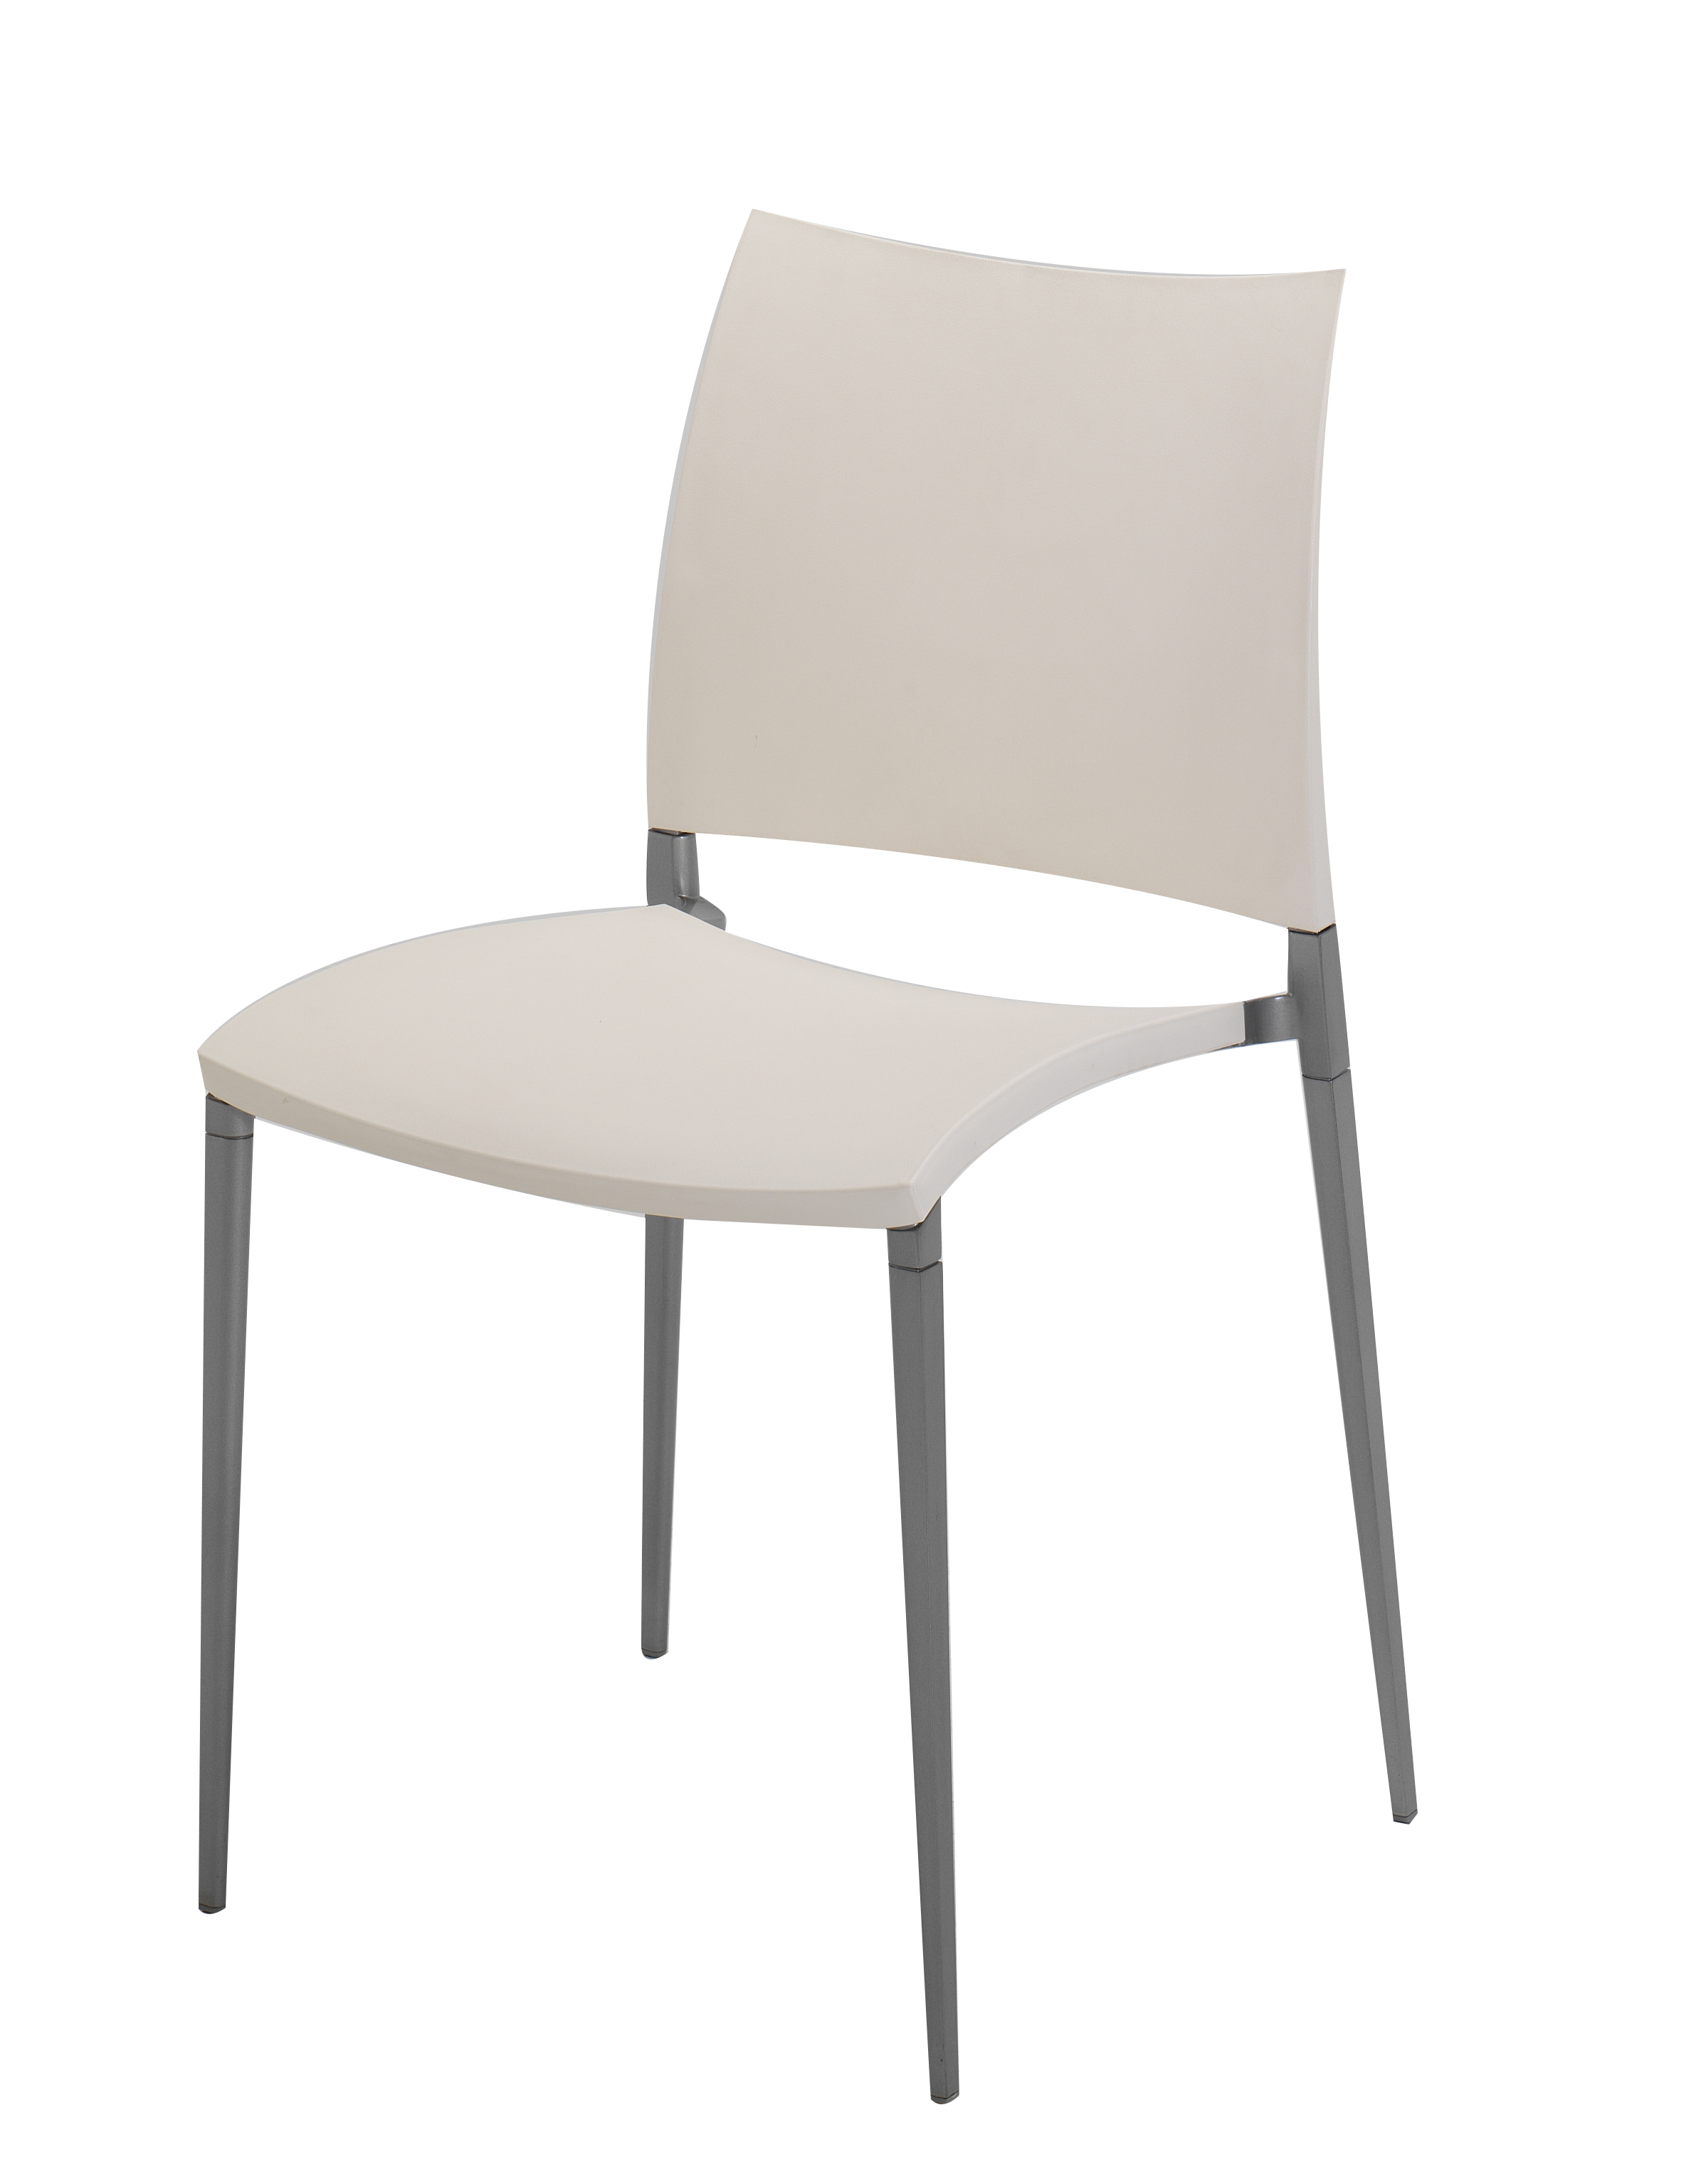 8cdfe3f2 1ed1 4dd9 9b5e ea2299acefd9@Neptun Chair Cream - Stoel Neptune